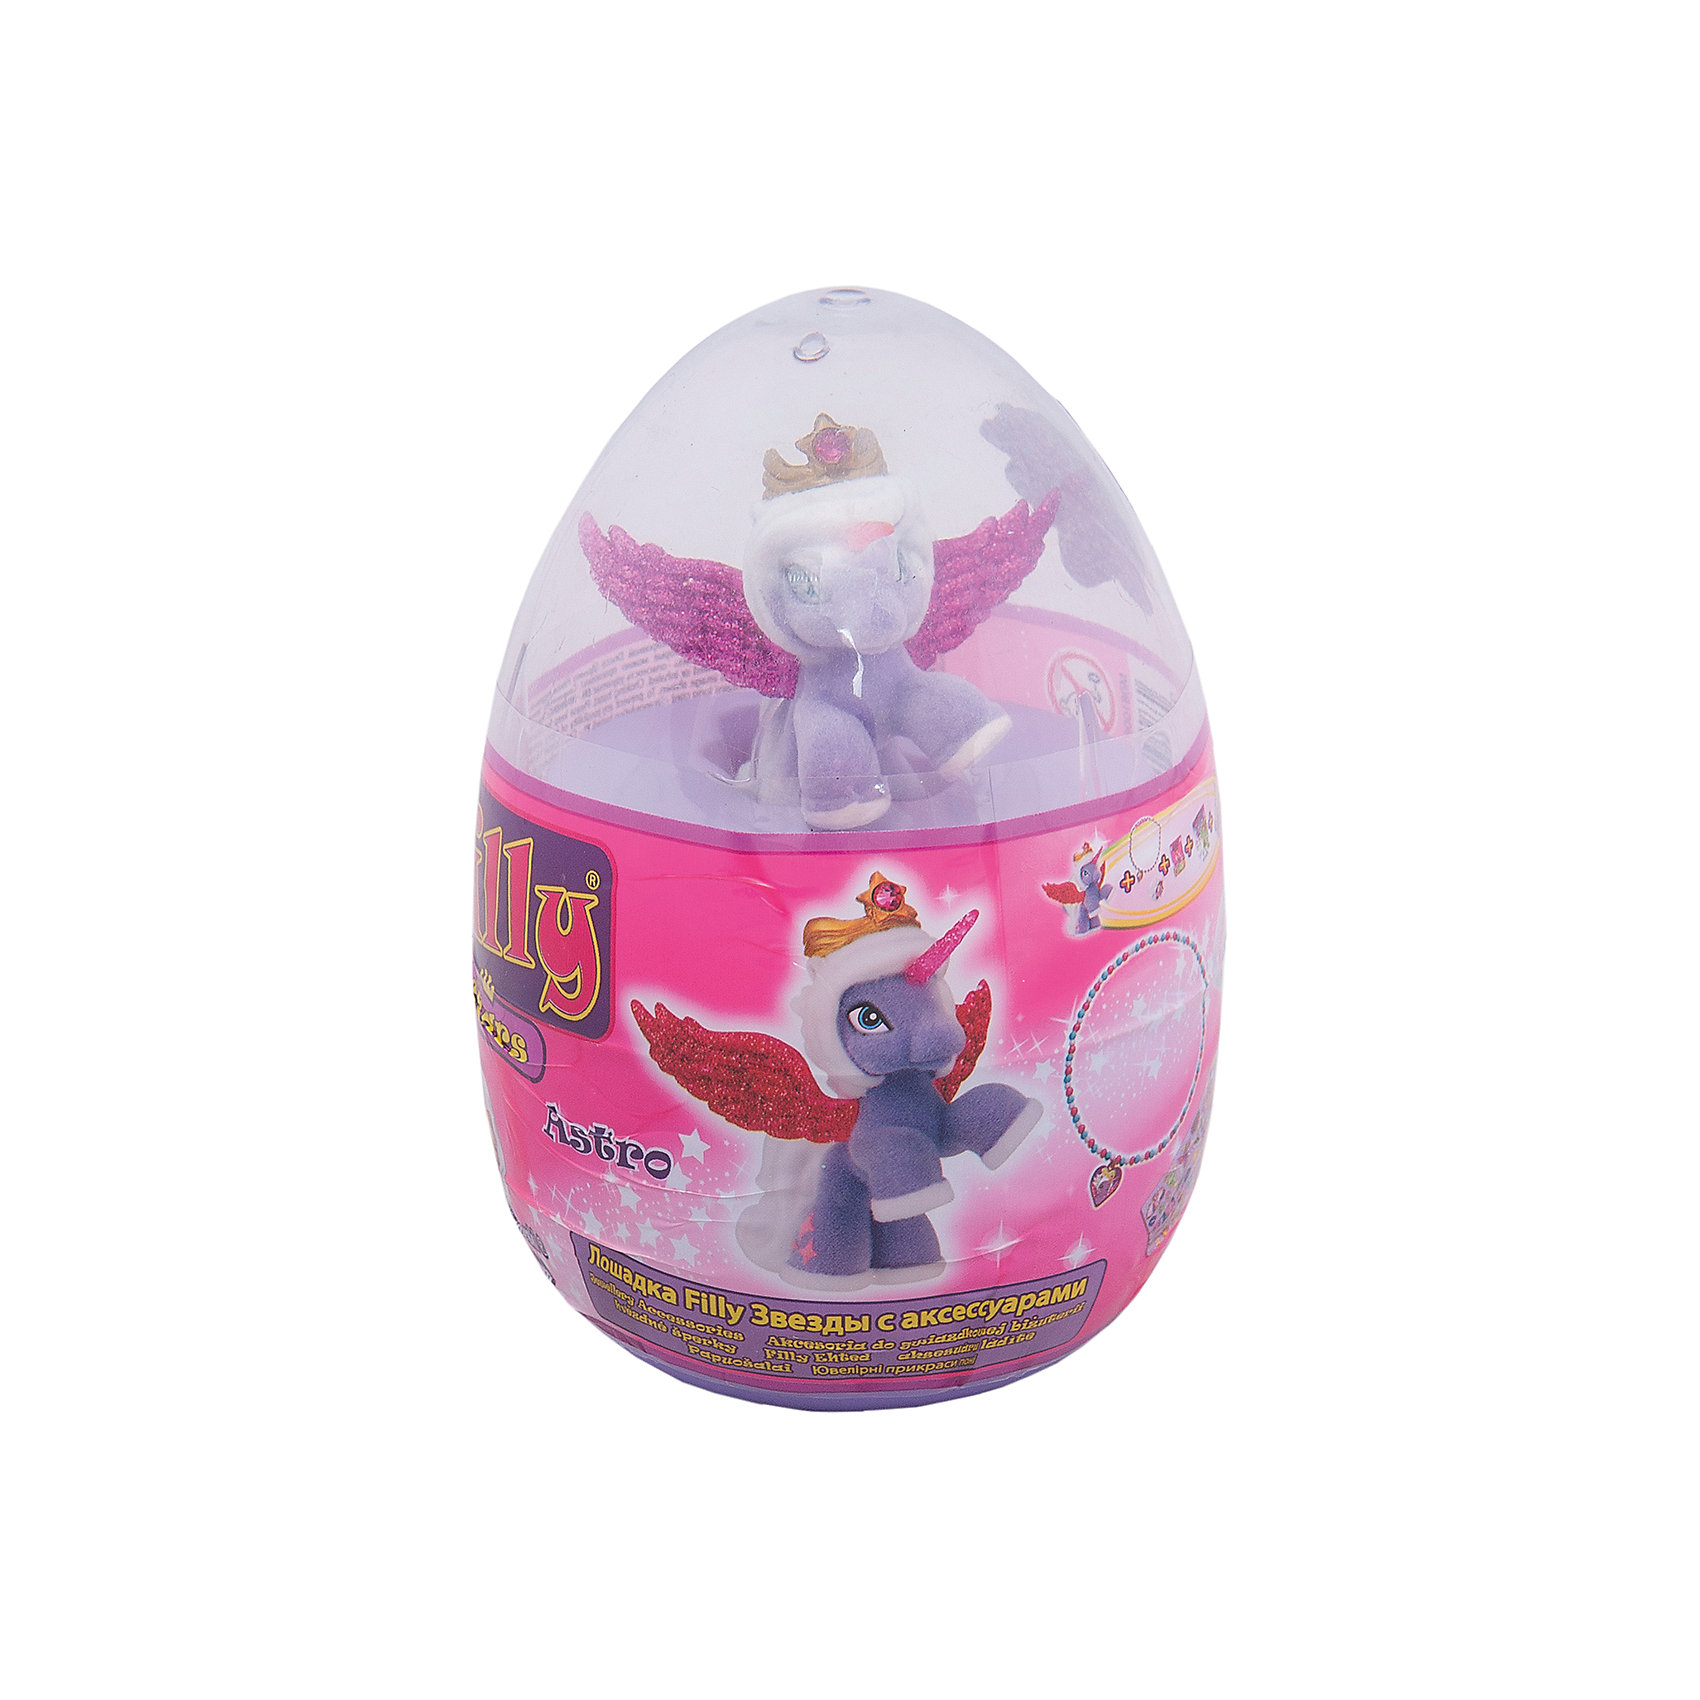 Набор Filly Звезды Hermia, в яйце, DraccoКоллекционные и игровые фигурки<br>Новые лошадки Филли в необычной упаковке. В этом стильном прозрачном яйце очень удобно хранить и переносить любимые фигурки. <br>Главным отличием фигурок из серии Звезды являются крылья. Они приобрели иную более привлекательную форму, а также дизайн. Благодаря новым расцветками они блестят еще ярче.<br><br>Дополнительная информация:<br><br>В данный набор входит одна фигурка лошадки, два аксессуара, брошюра коллекционера, а также 4 листа с тематическими наклейками.<br>В новую линейку вошли 22 новых персонажей + 1 новый редкий герой. Все они принадлежат к 5 новым семействам лошадок. Среди них Семейство звездного света, Семейство небесного света, Семейство солнечного света и семейство сумеречного света. Персонажи из последнего пятого семейства (Семейство лунного света) появятся в продаже этой осенью.<br><br>Набор Filly Звезды Hermia, в яйце, Dracco   можно купить в нашем магазине.<br><br>Ширина мм: 45<br>Глубина мм: 180<br>Высота мм: 170<br>Вес г: 120<br>Возраст от месяцев: 36<br>Возраст до месяцев: 96<br>Пол: Женский<br>Возраст: Детский<br>SKU: 4618240